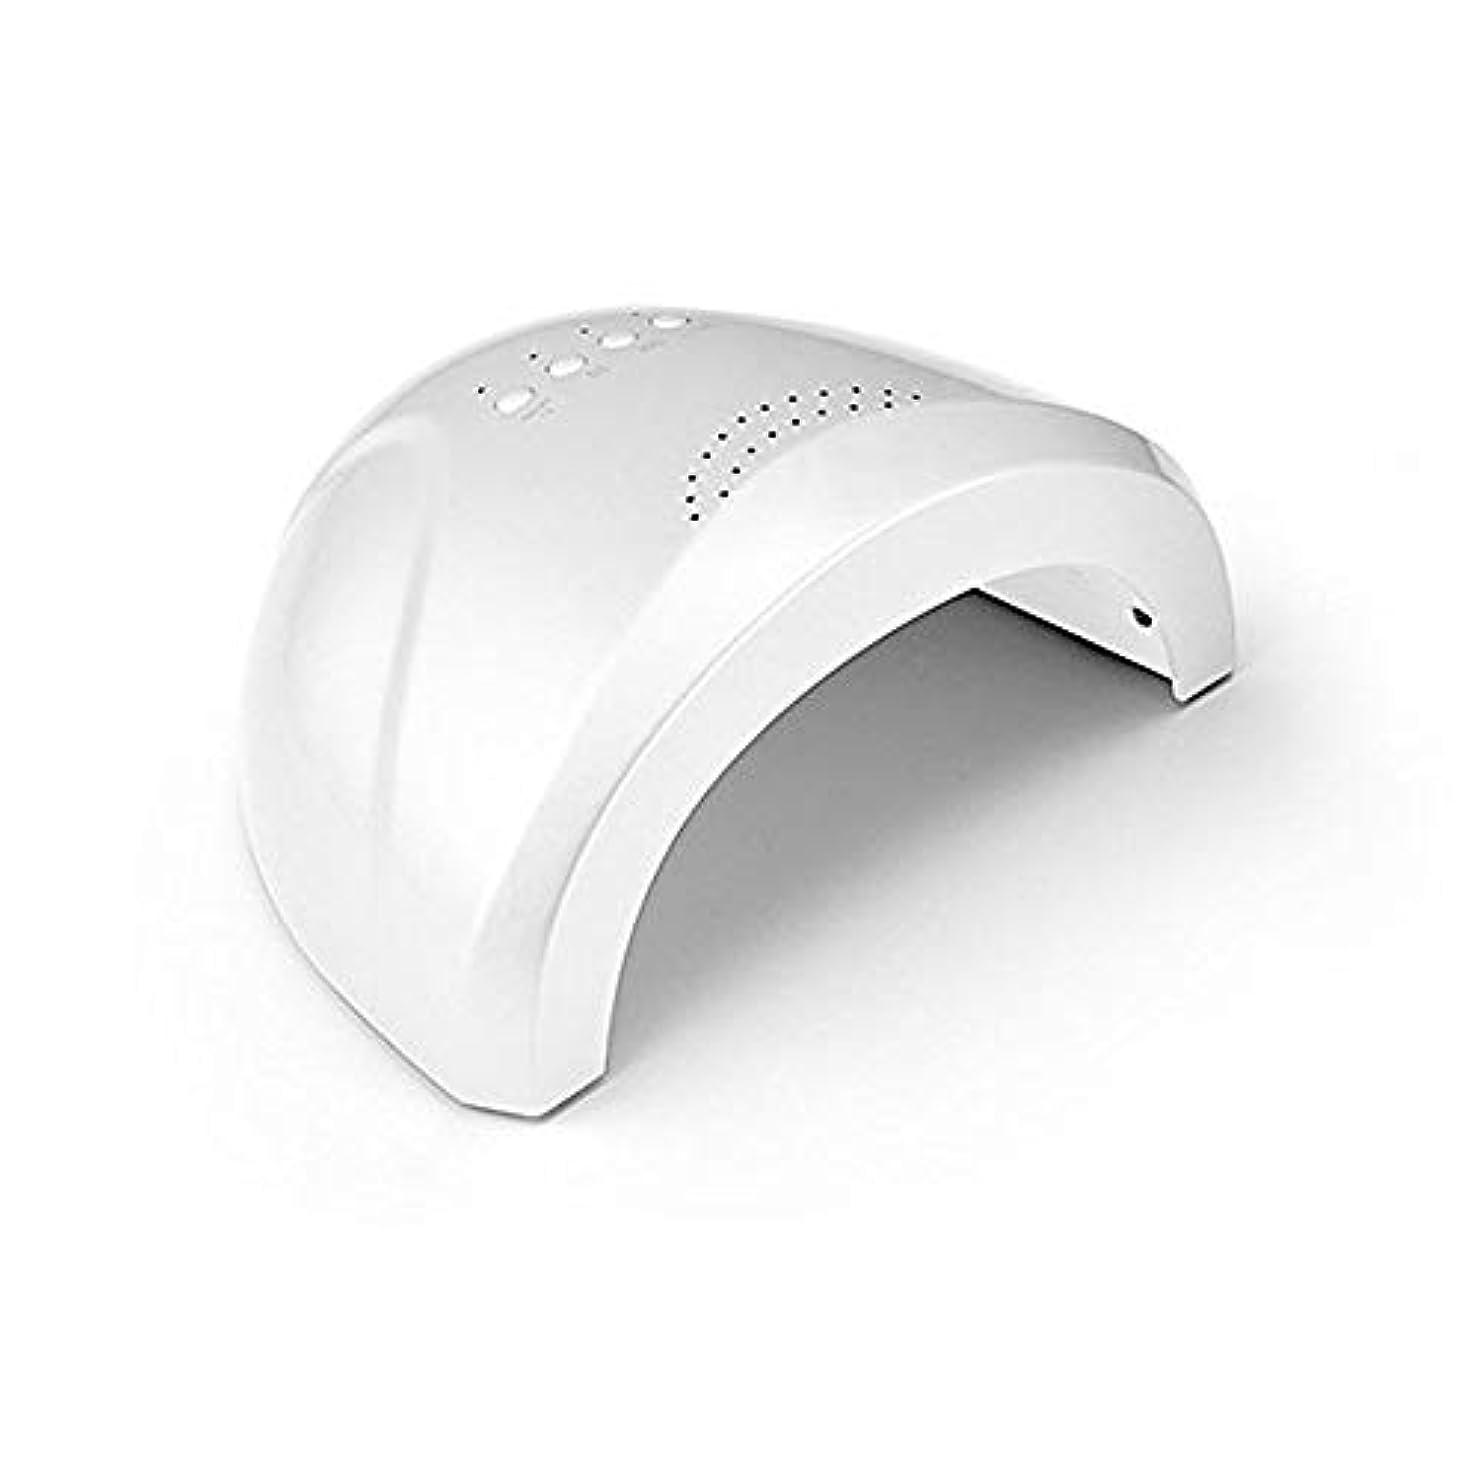 へこみ扇動買い手LED UVネイルドライヤーホワイトライトネイルランプ高速硬化3タイマー設定5 s / 30 s / 60 s爪&足の爪のネイルアートサロンツールの自動センサーマシン